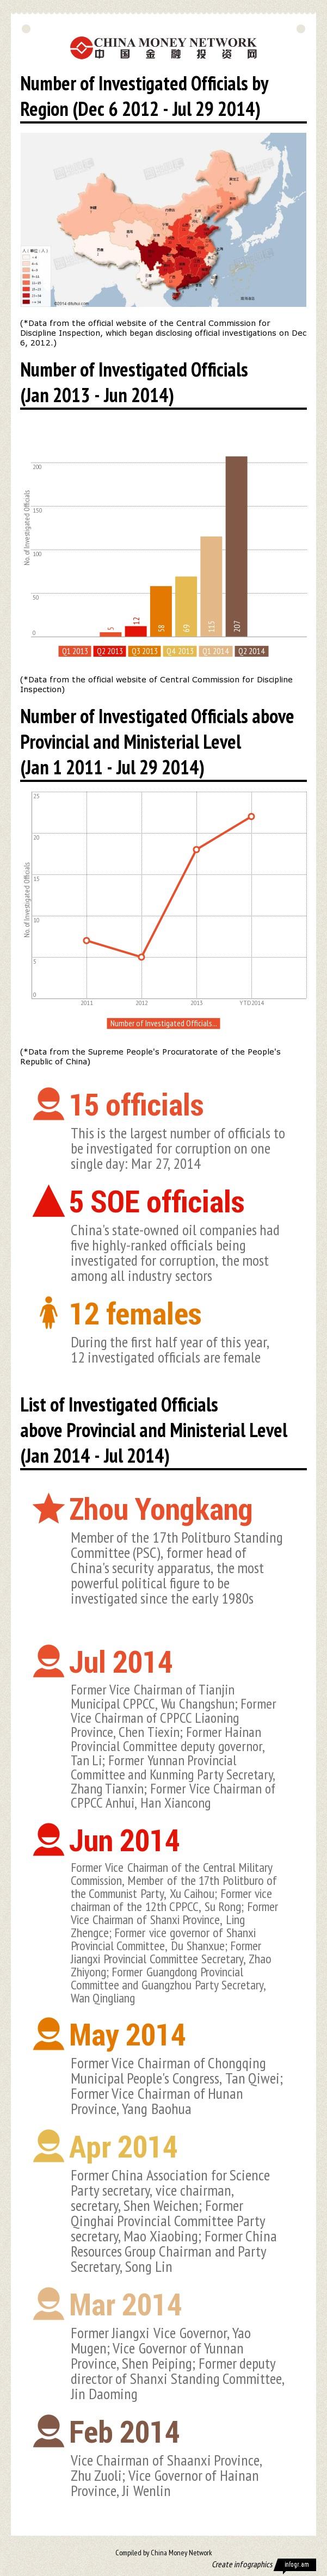 China anti-corruption